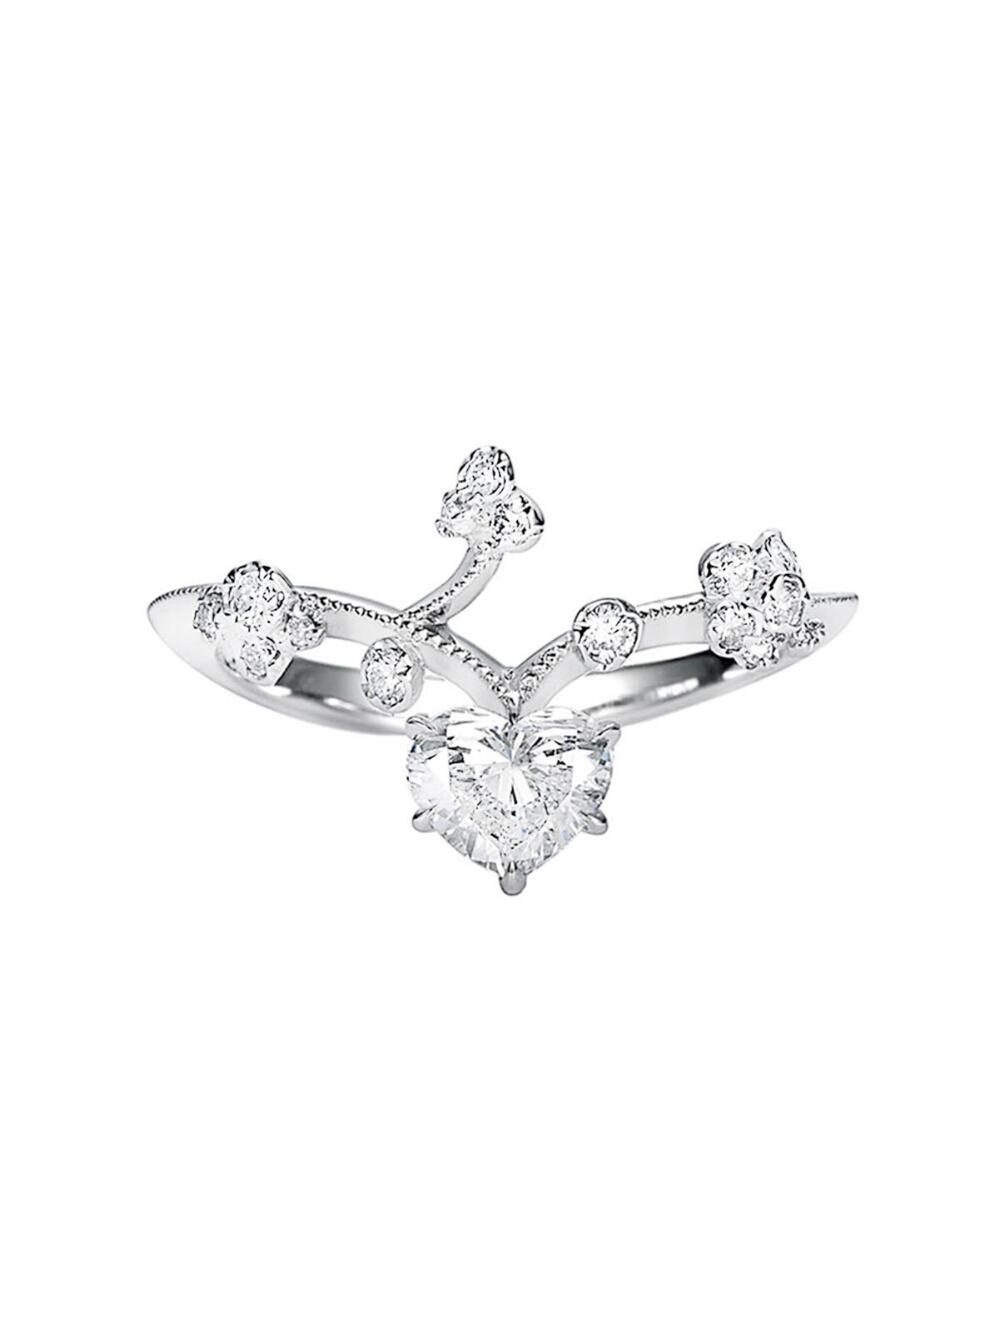 Kataoka Heart Diamond Vine Ring